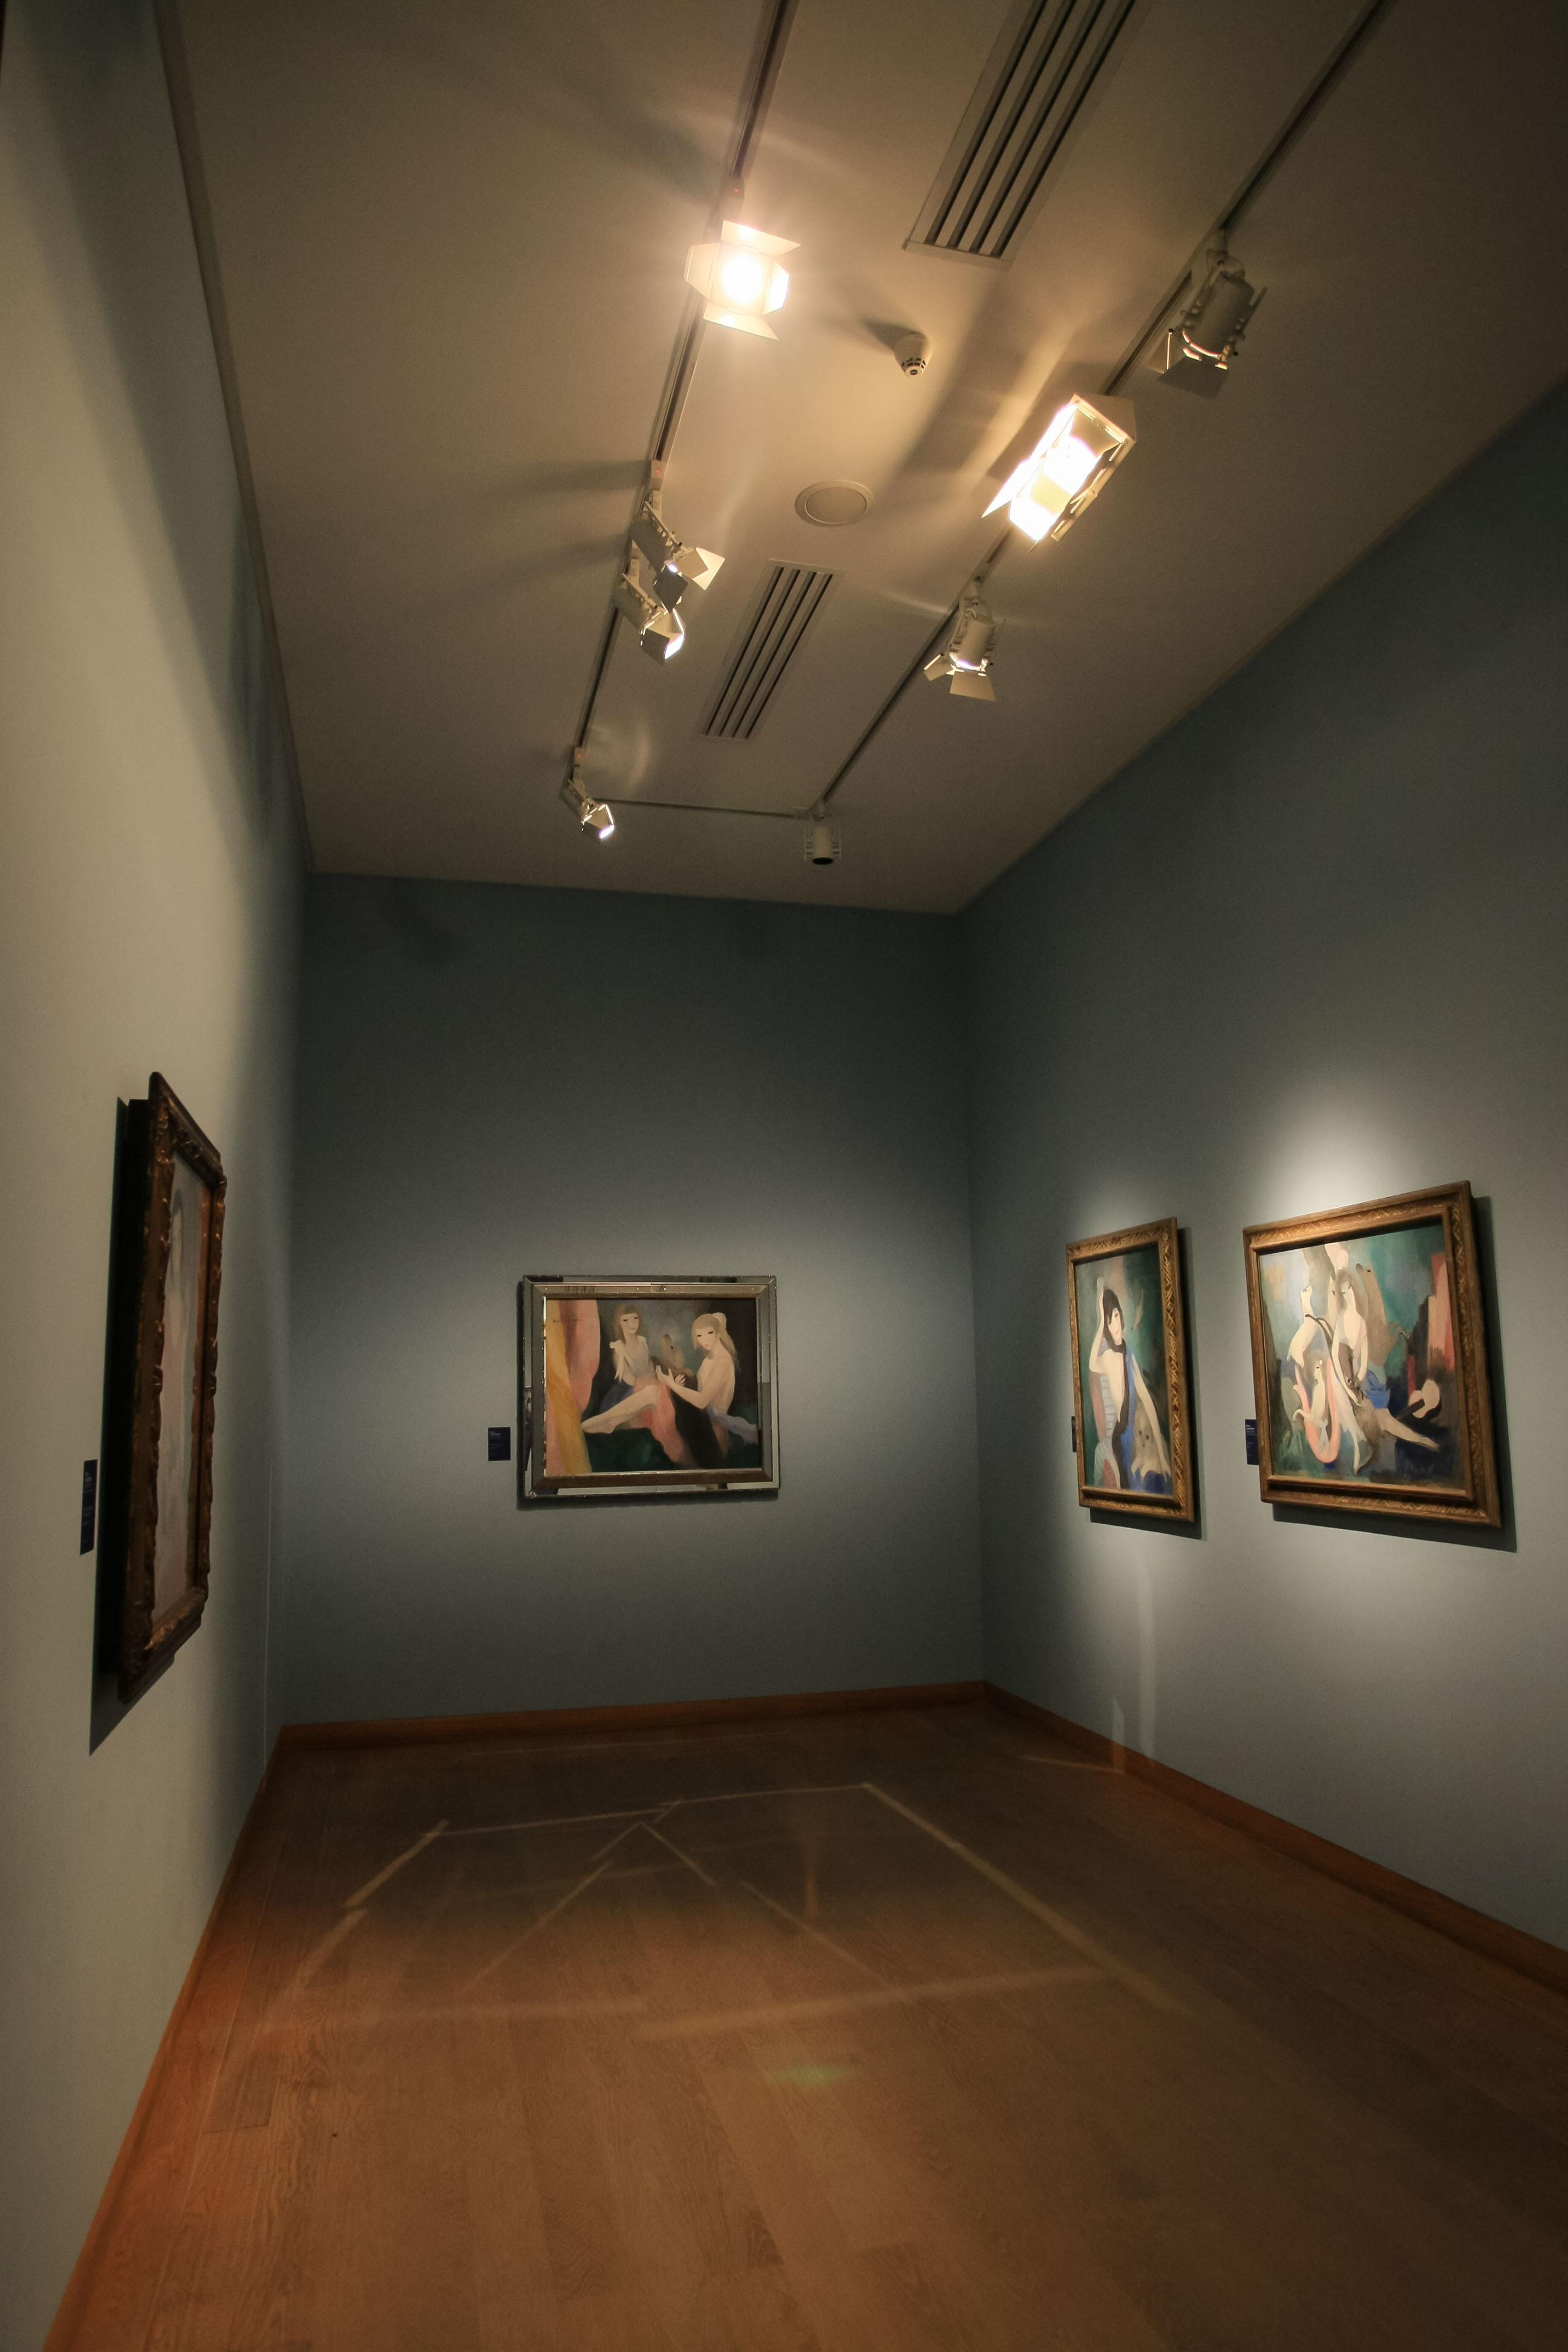 【フランス旅行】パリ オランジュリー美術館 いろんな部屋